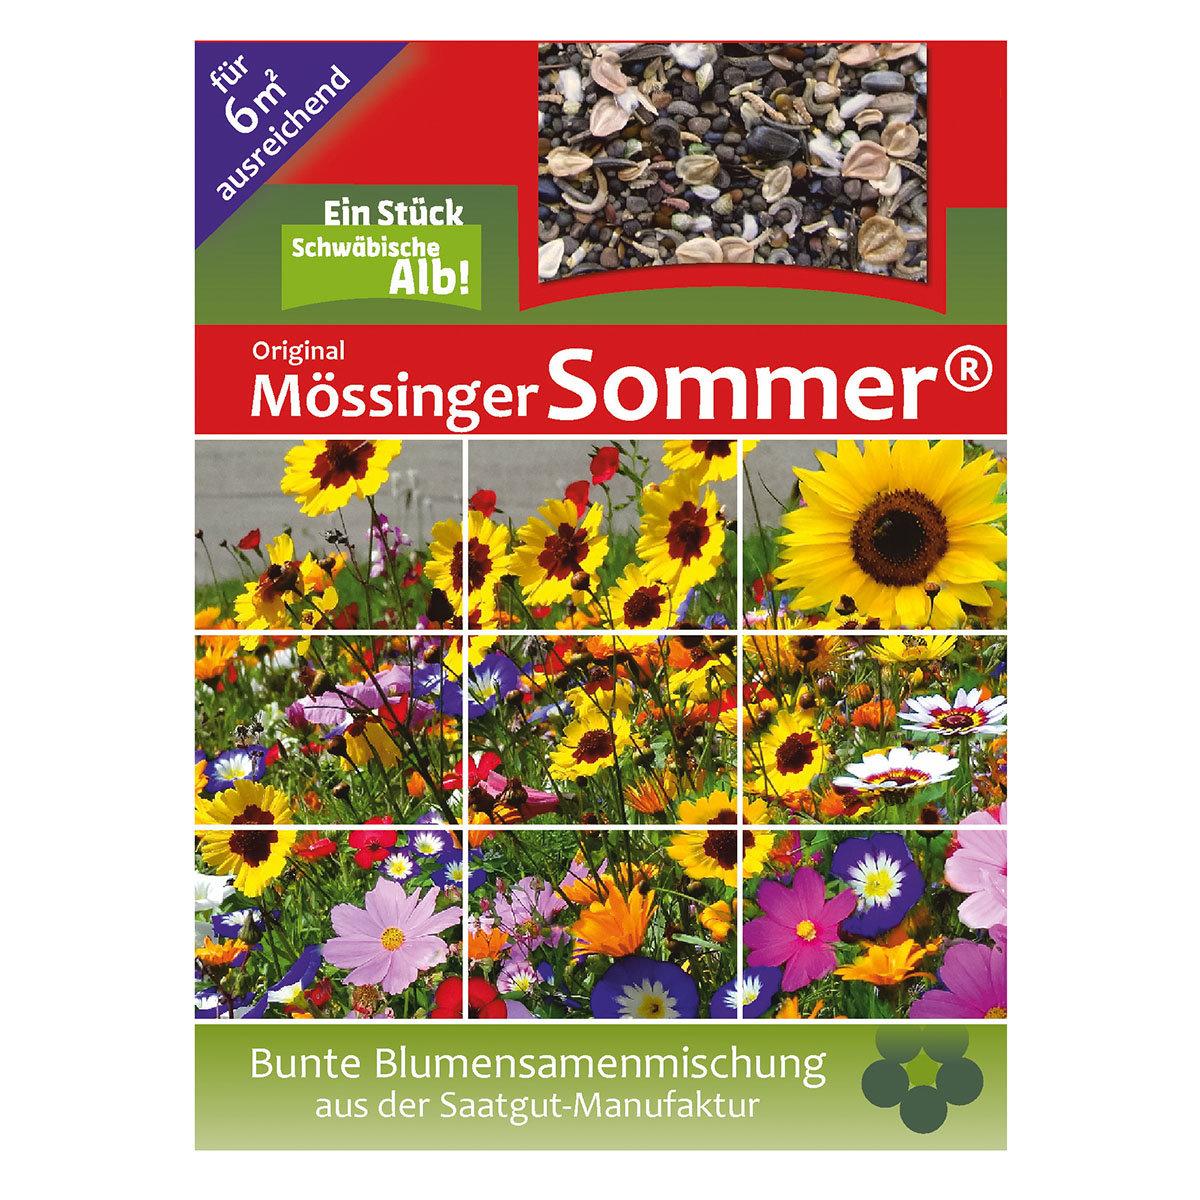 Blumensamen-Mischung Original Mössinger Sommer für 6 qm